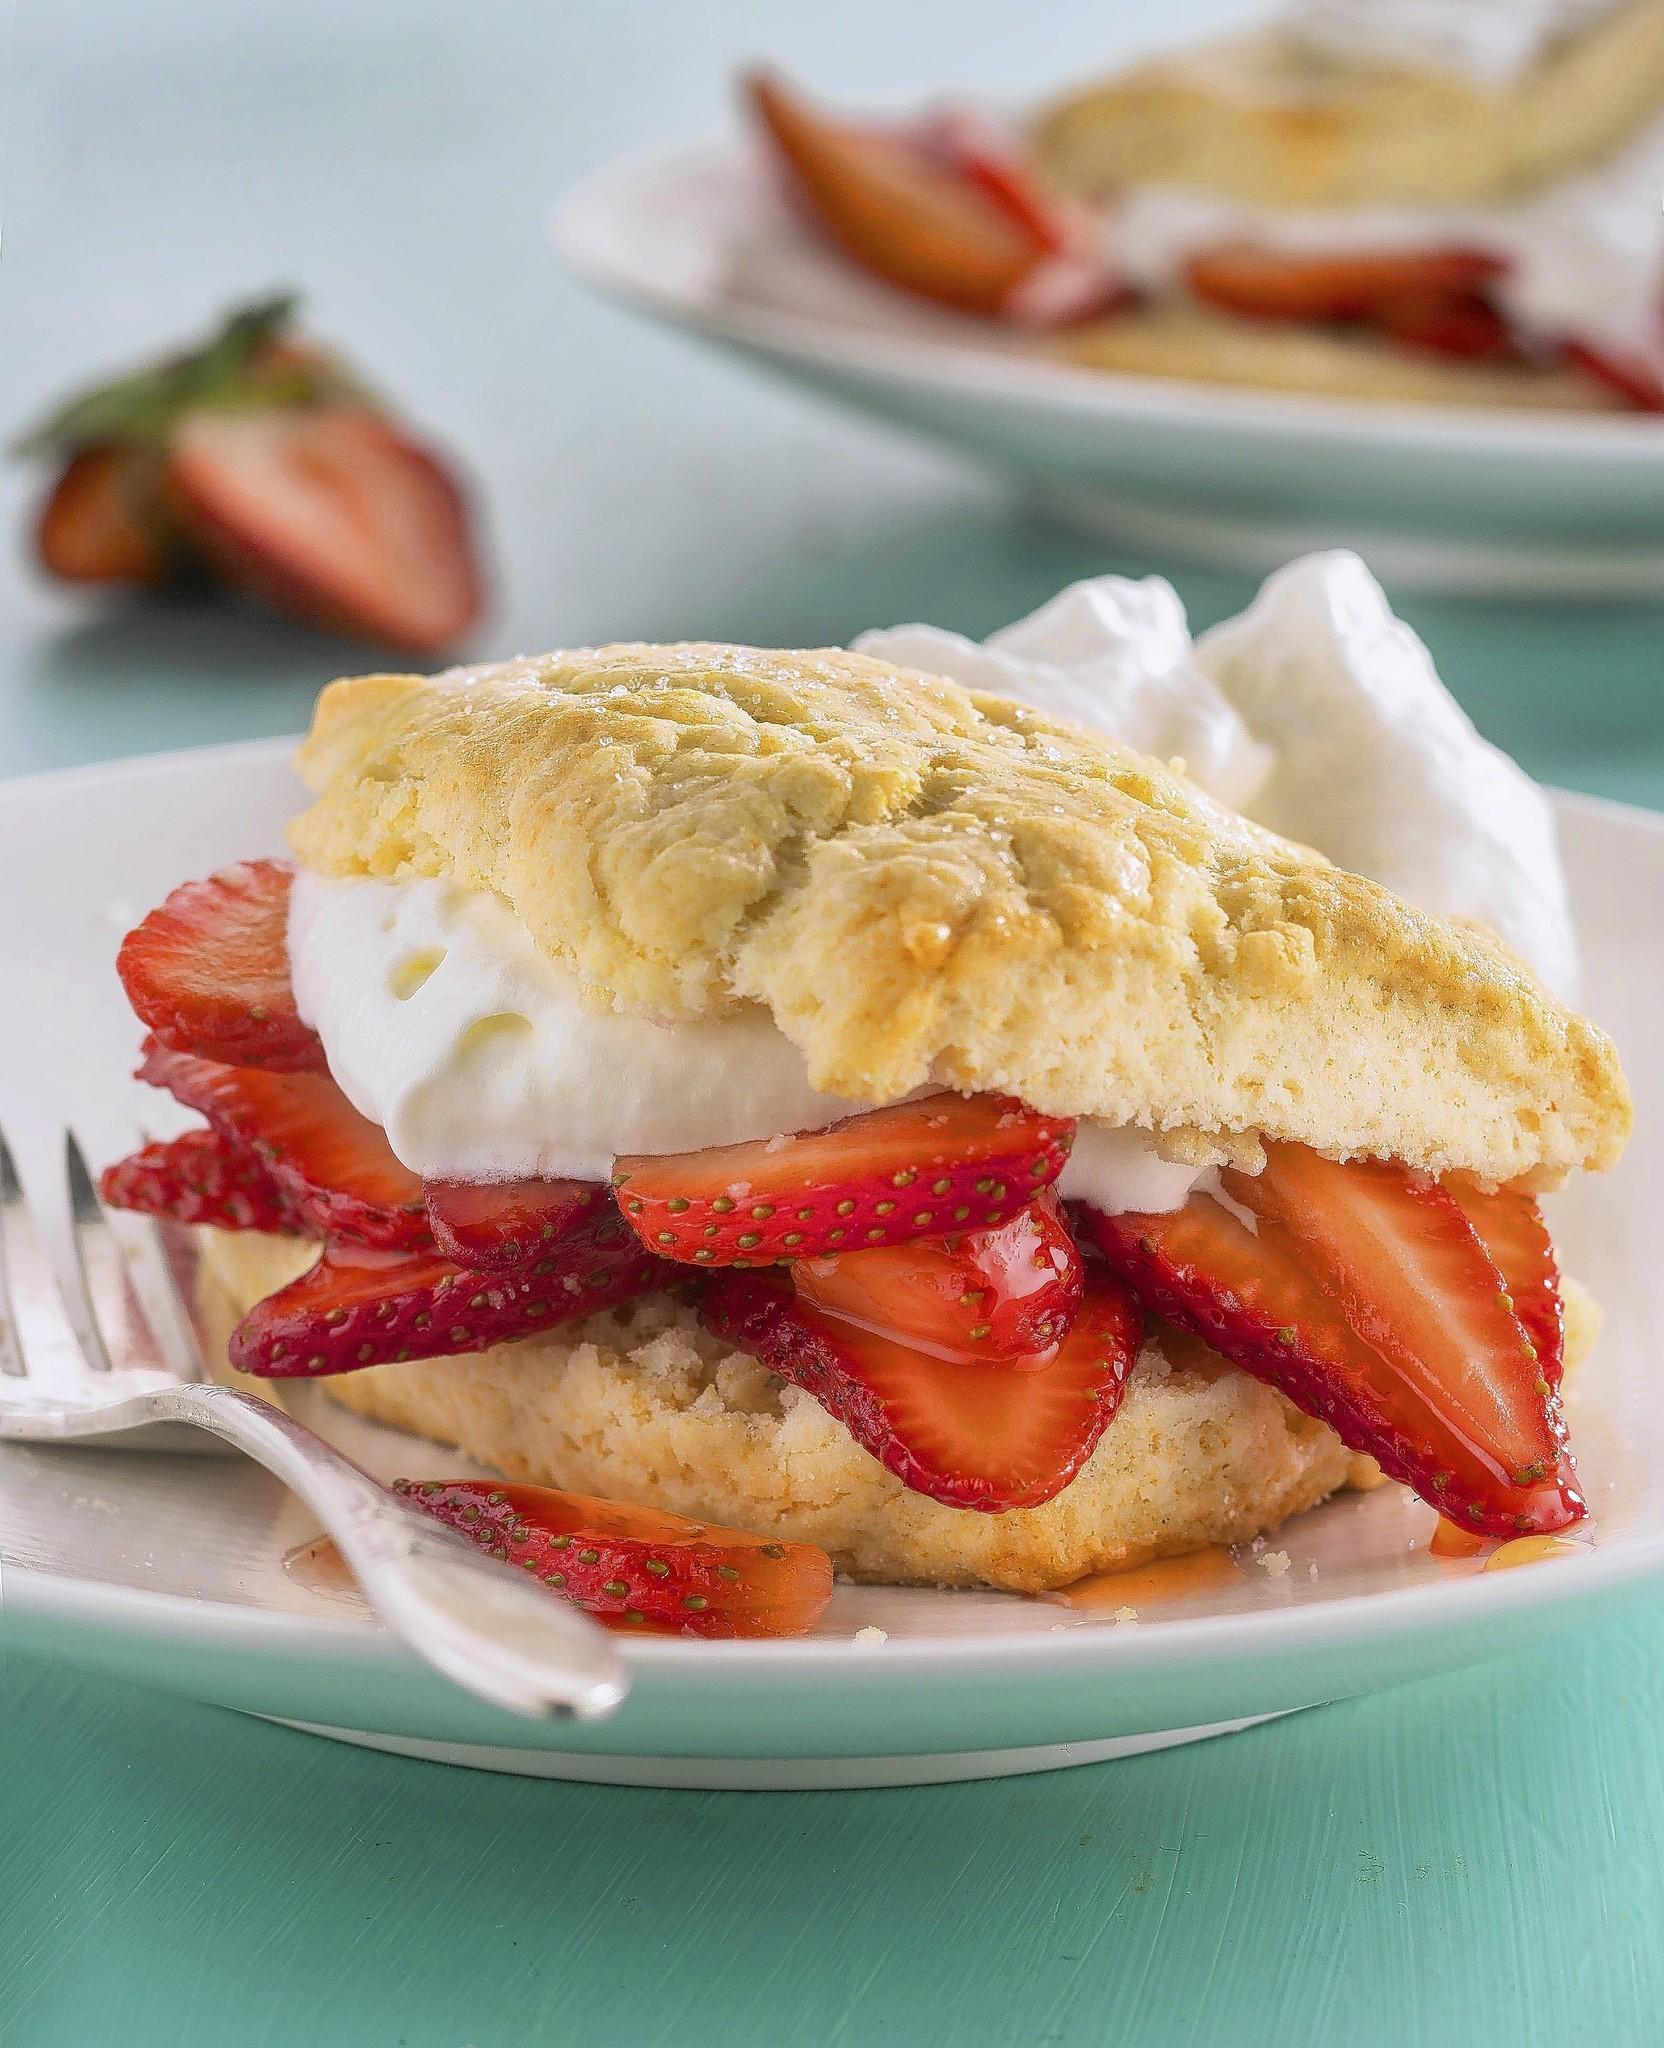 Finished strawberry shortcake recipe.